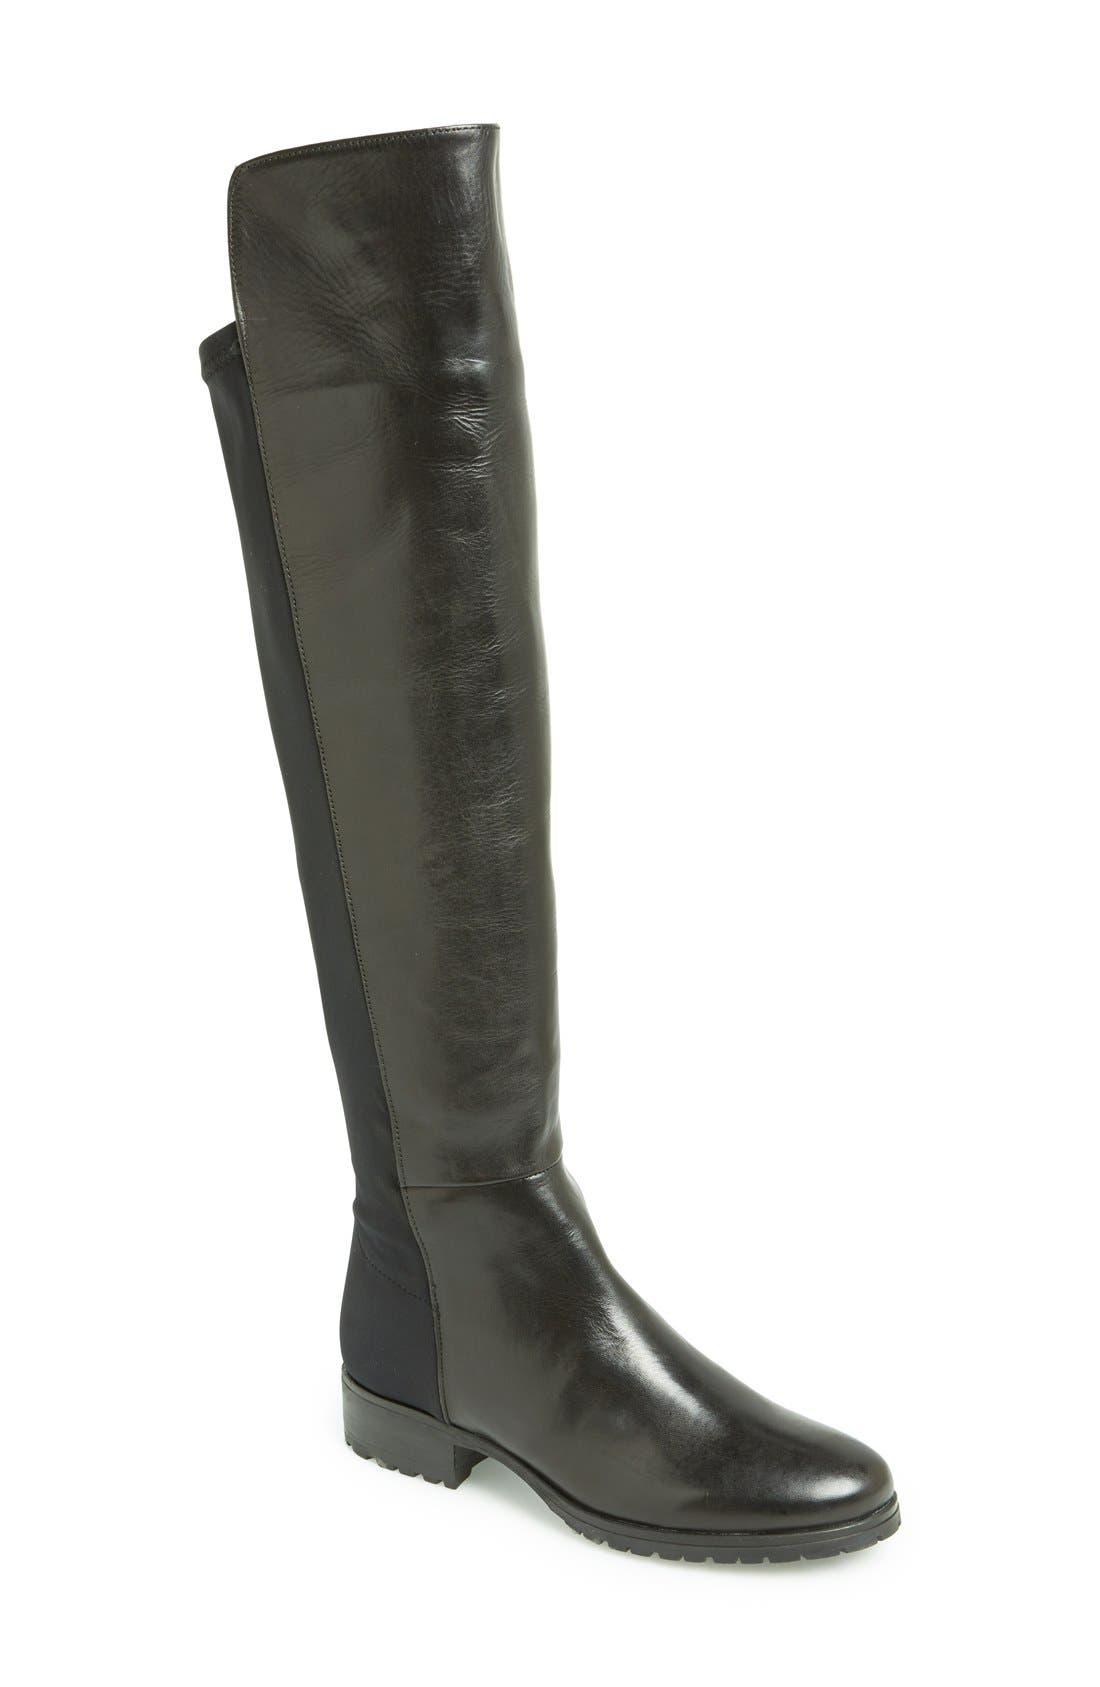 Main Image - Dune London 'Trishy' Over the Knee Boot (Women)